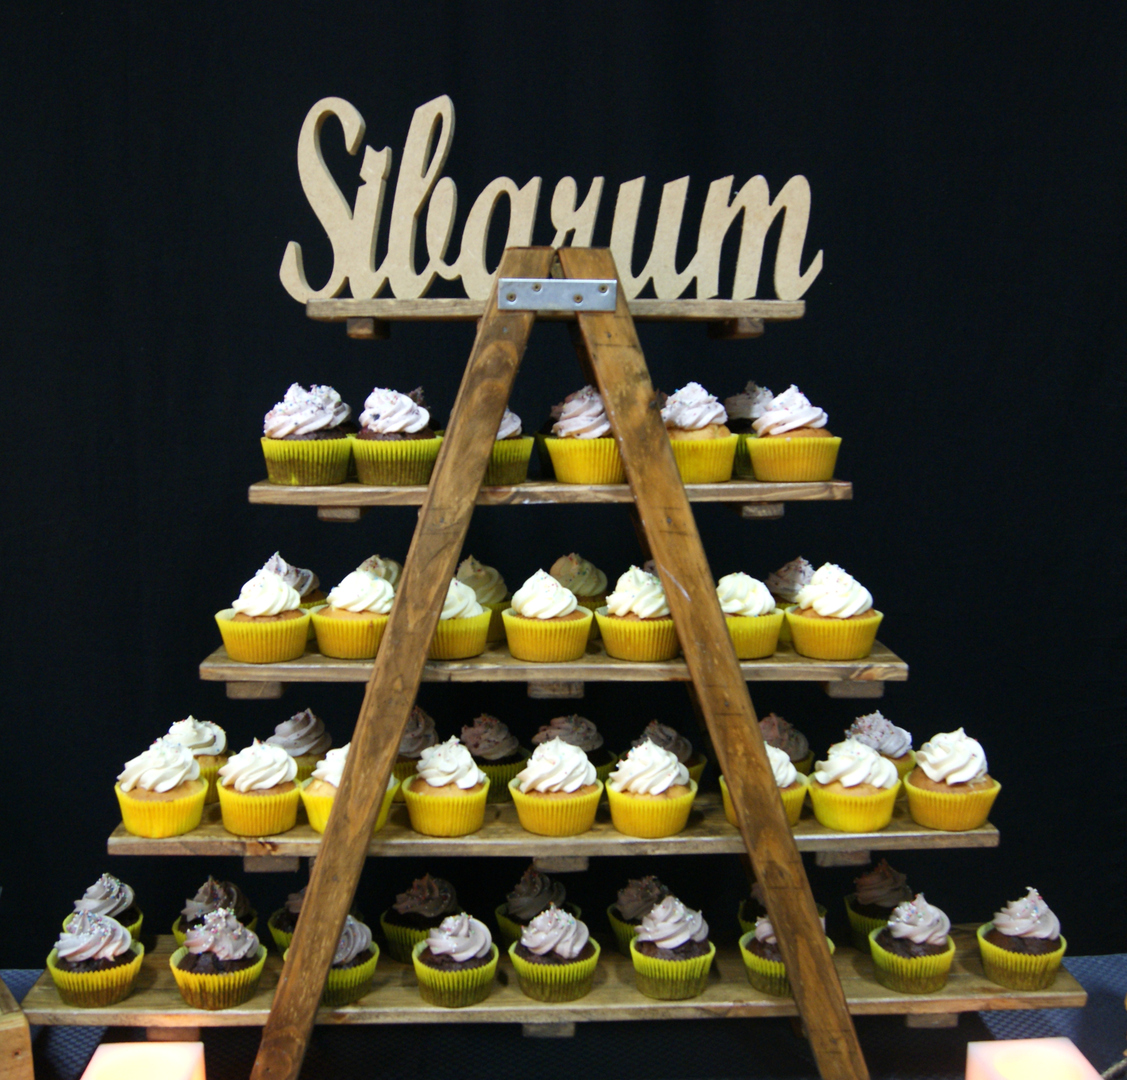 sibarum-cakes-polonia-elmusical-candybar-cupcakes